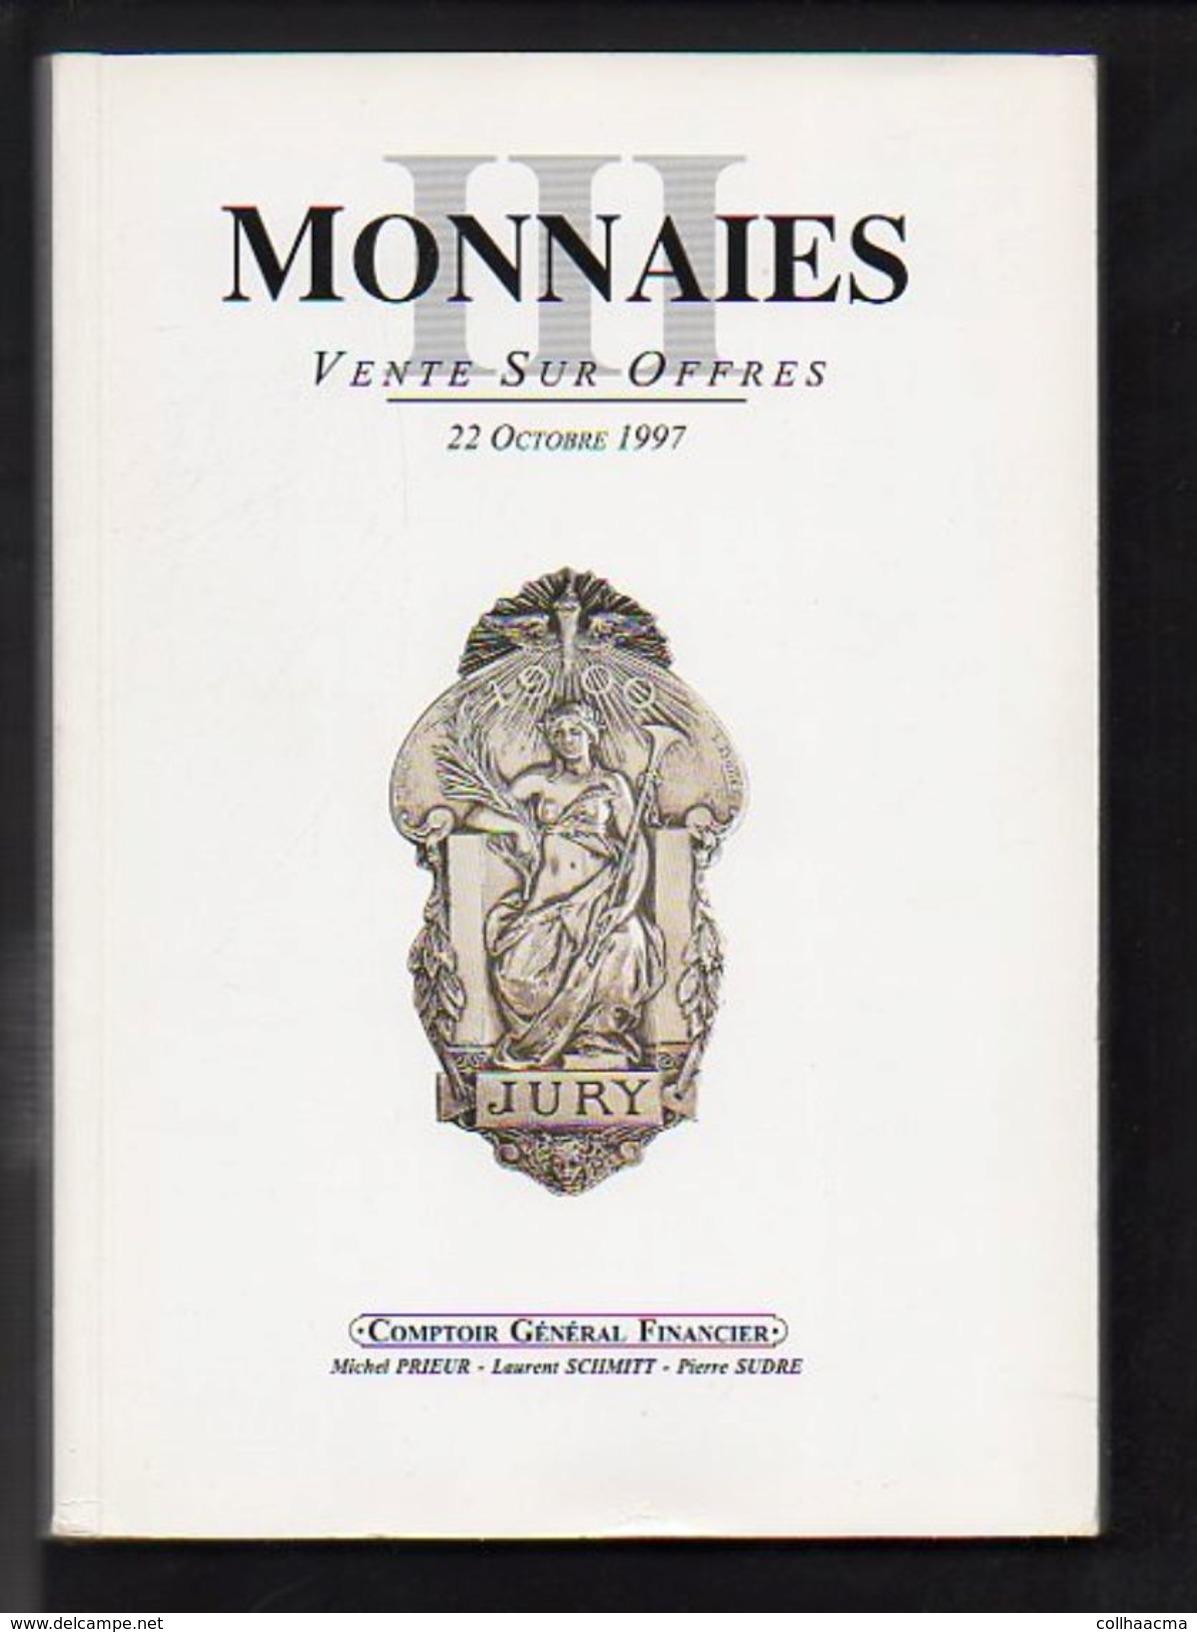 Numismatique 1997 Vente Sur Offres Monnaies N° 3 III  / Comptoir Général Financier C.G.F. Voir Table Des Matières - French